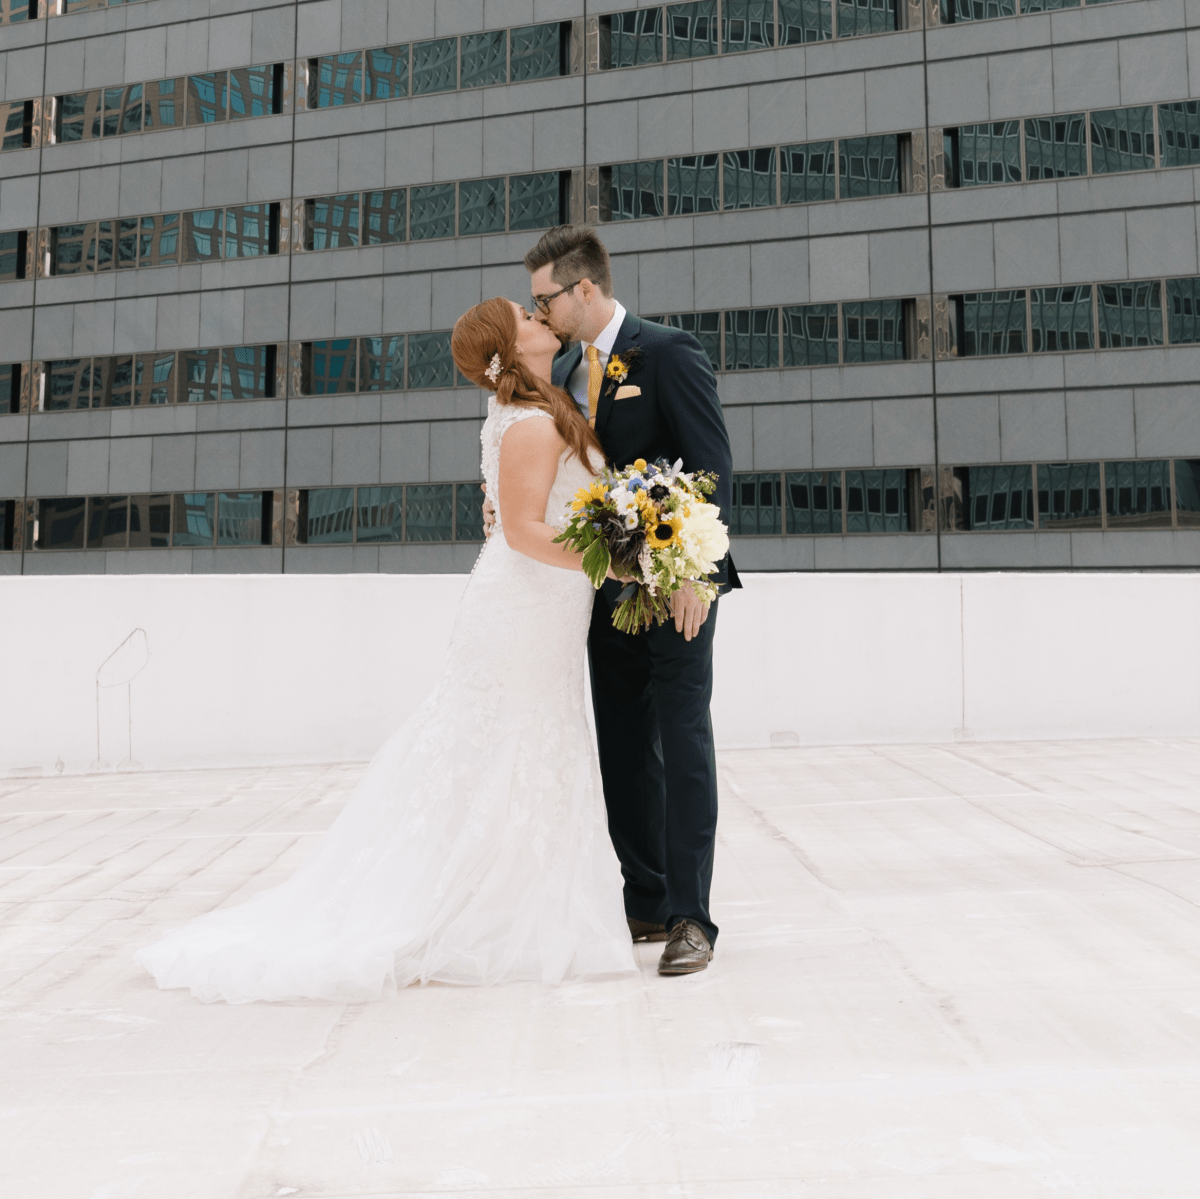 Collins Wedding, Rooftop